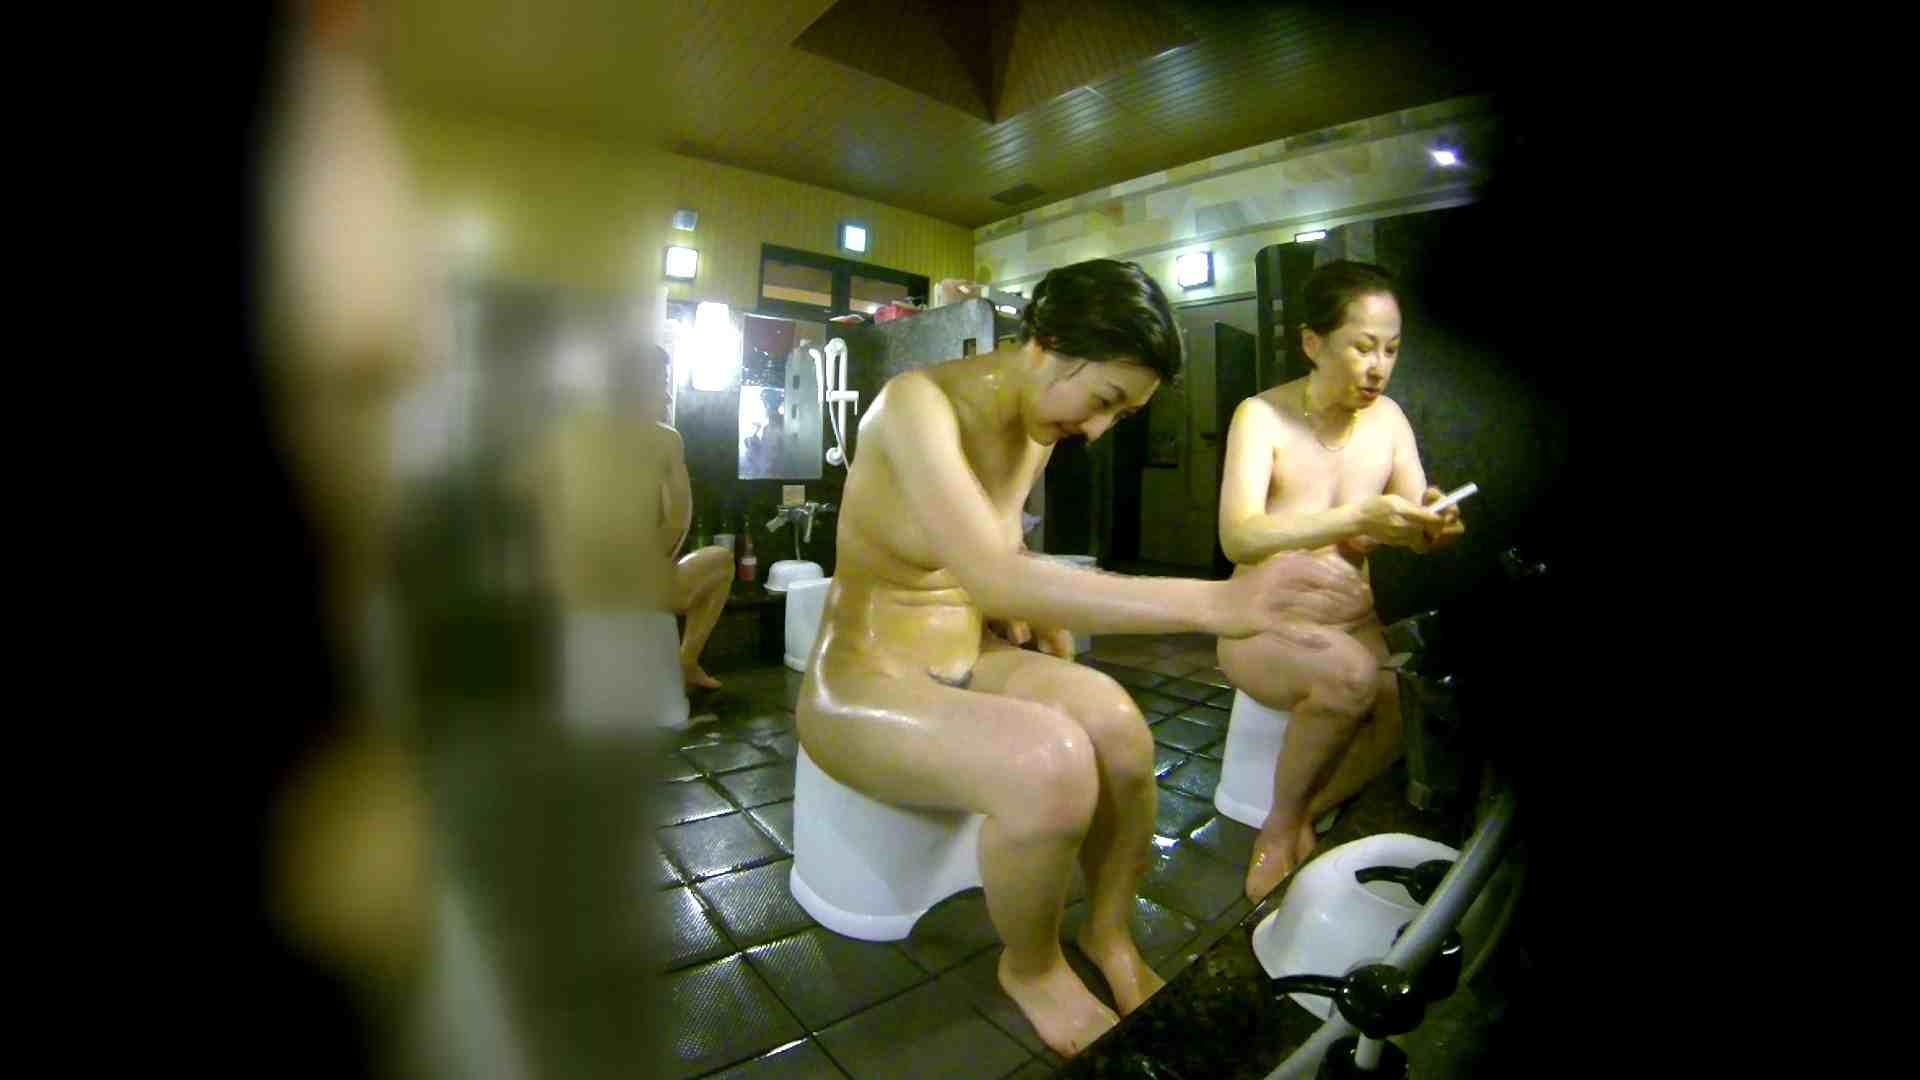 洗い場!右足の位置がいいですね。陰毛もっさり! 銭湯   0  113pic 55